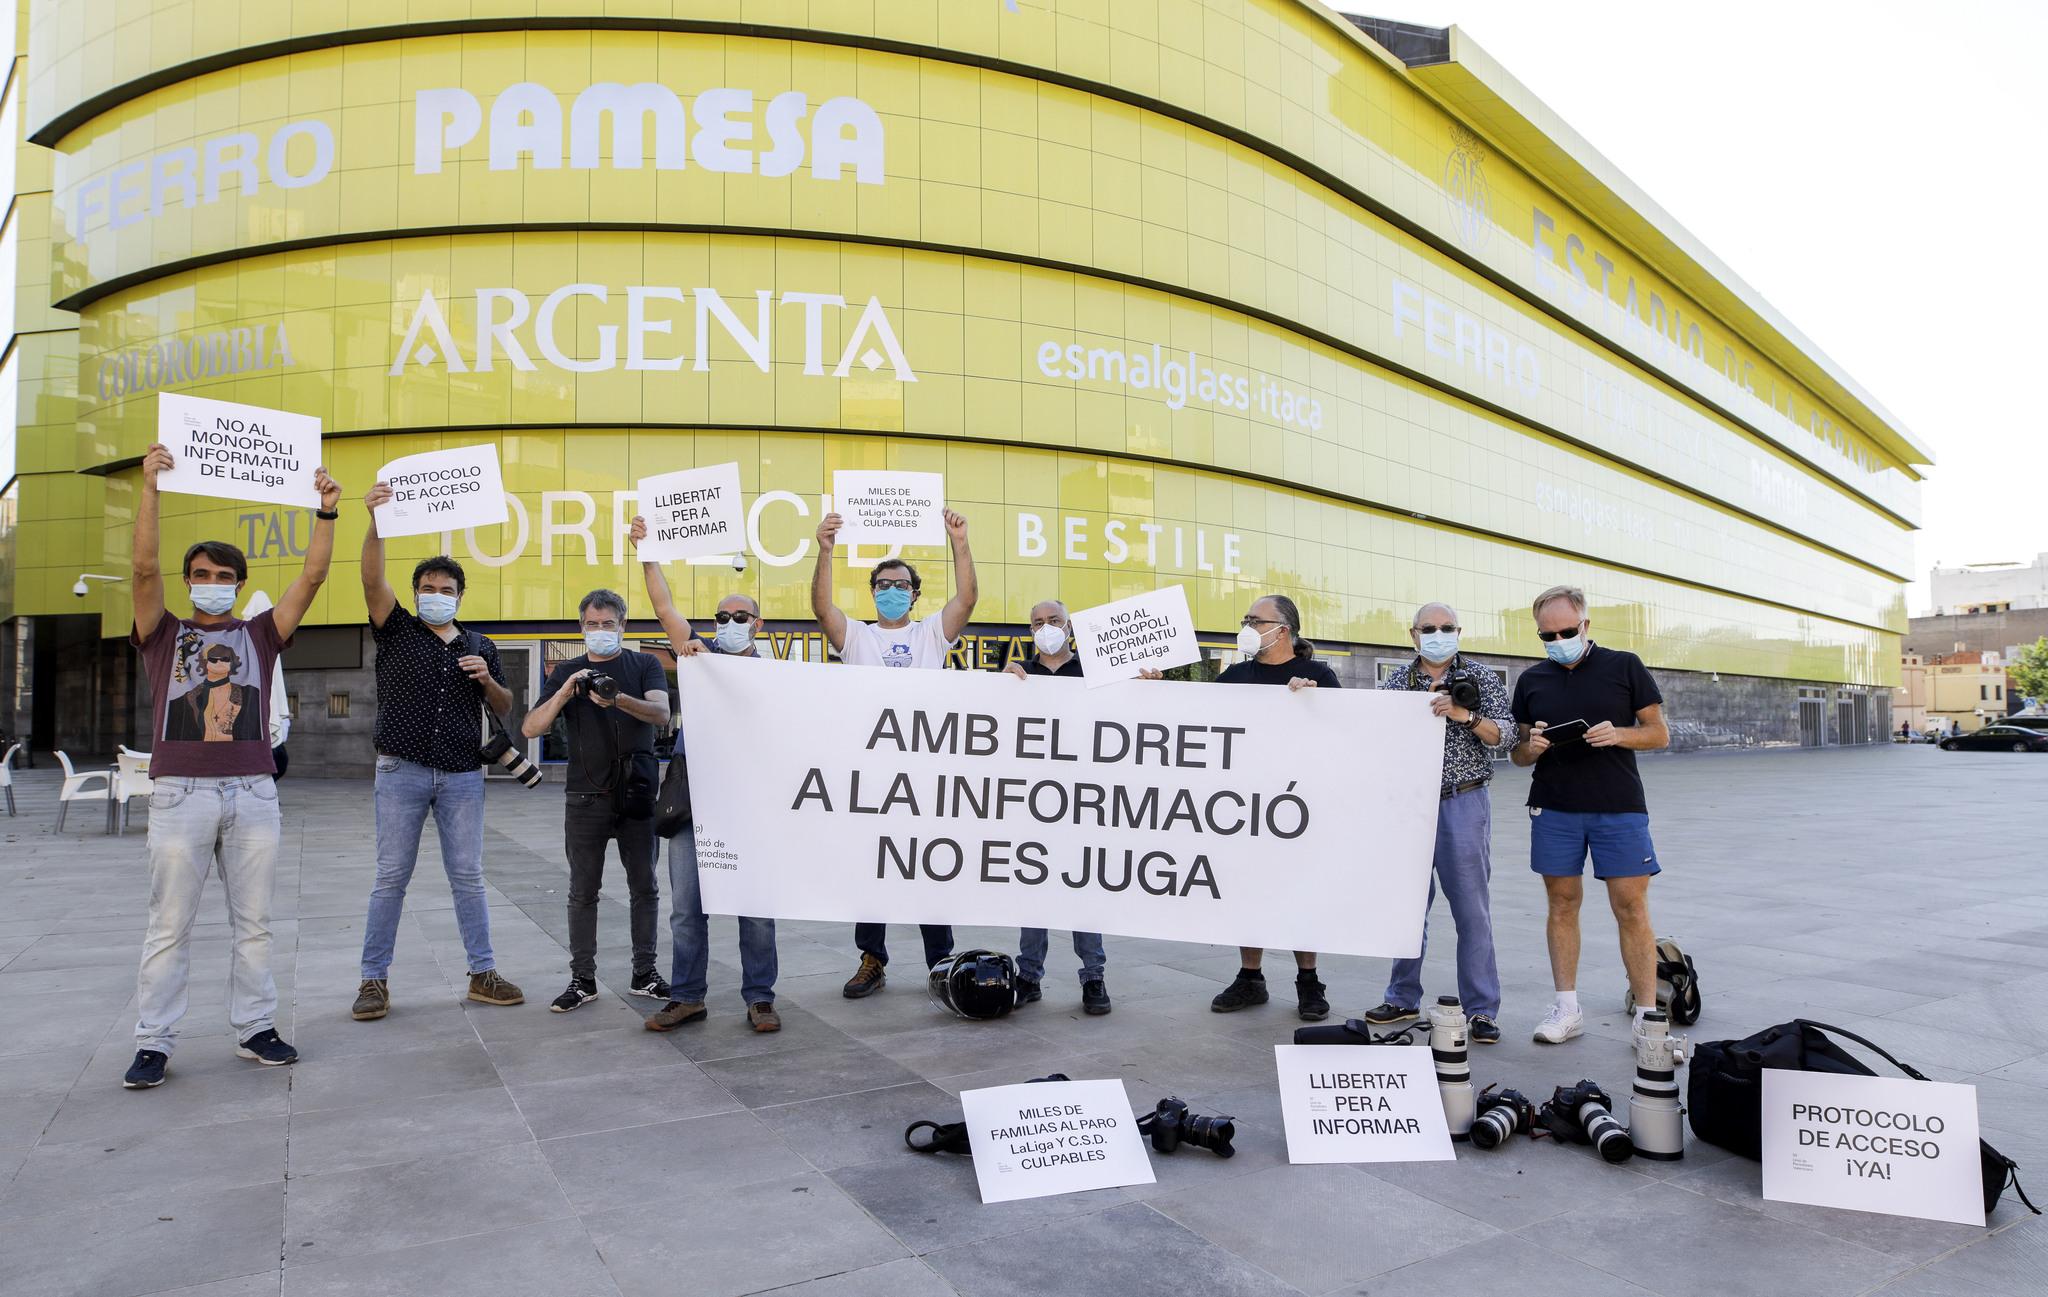 FOTOGRAFOS PROTESTAN FRENTE AL ESTADIO DE LA CERAMICA Y RECLAMAN ACCEDER A LOS CAMPOS DE FUTBOL UNA VEZ SE REANUDE LA LIGA